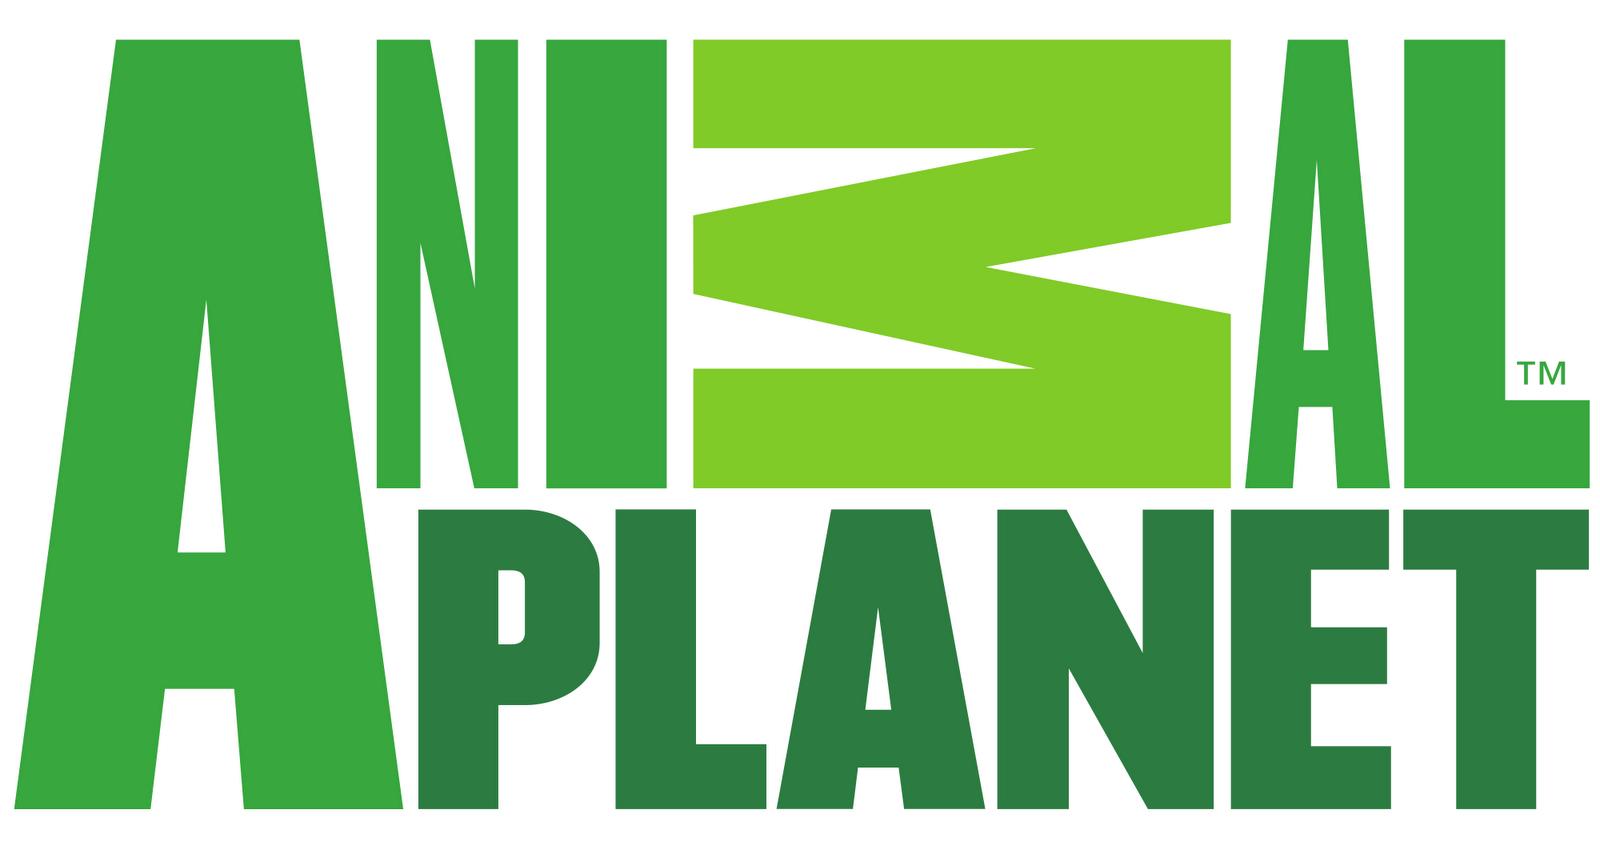 Animal_Planet_logo.png